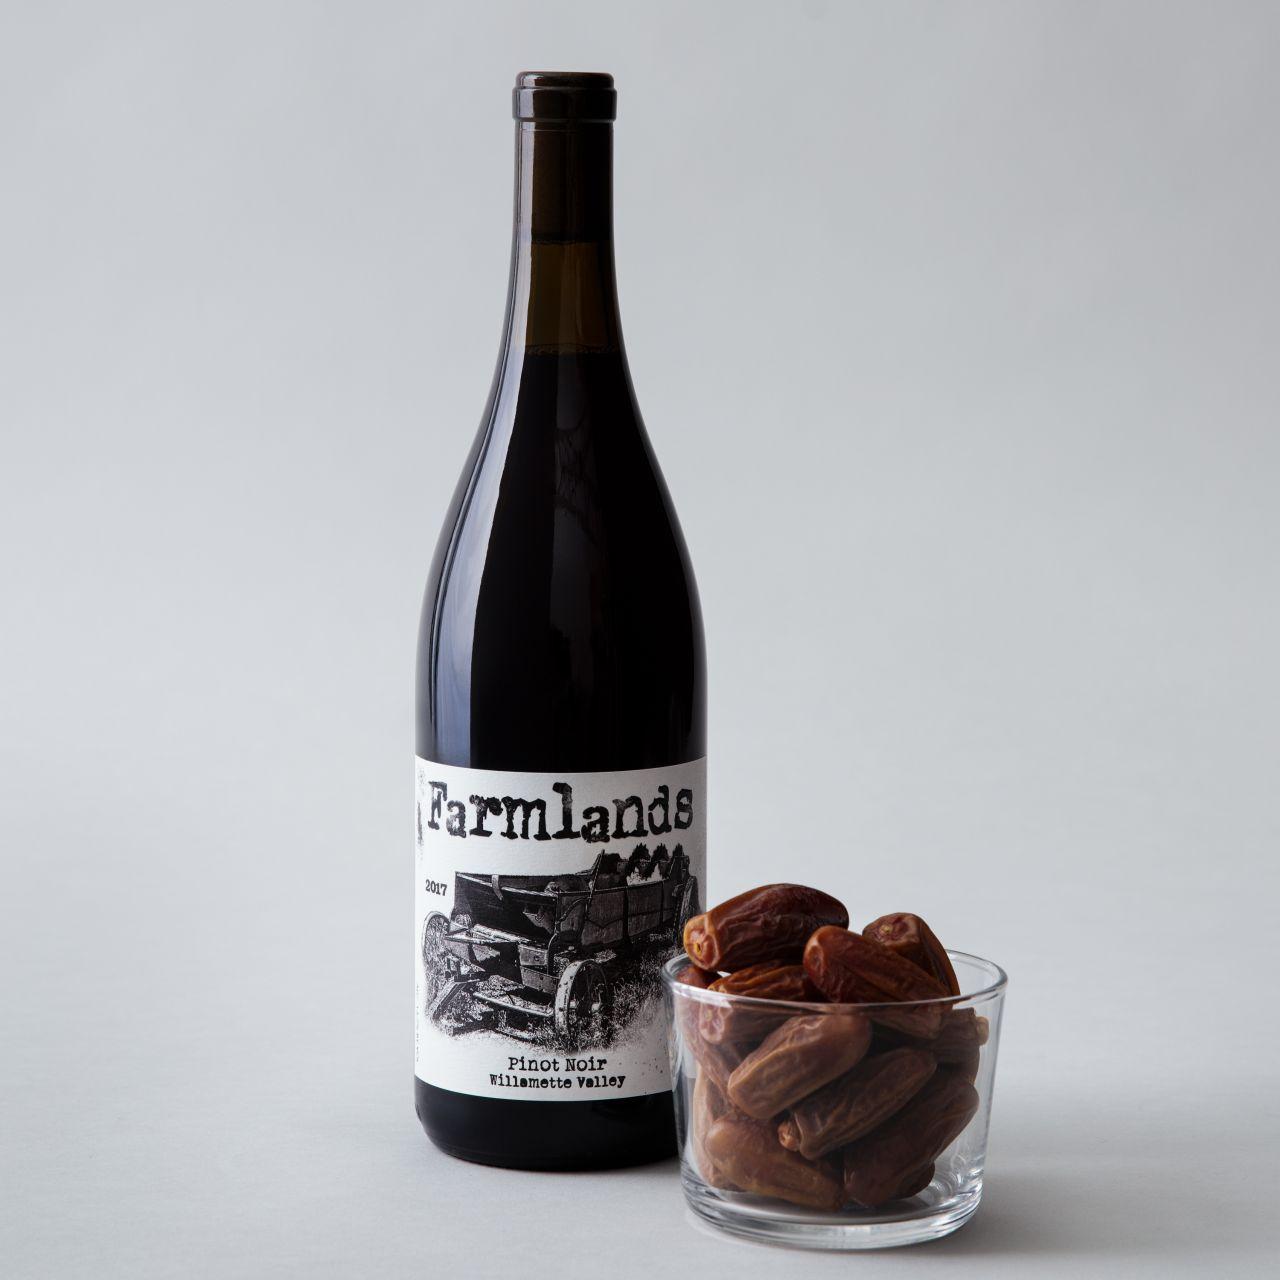 california-grown-dates-and-wine-pairings-deglet-noor-pinot-noir.jpg